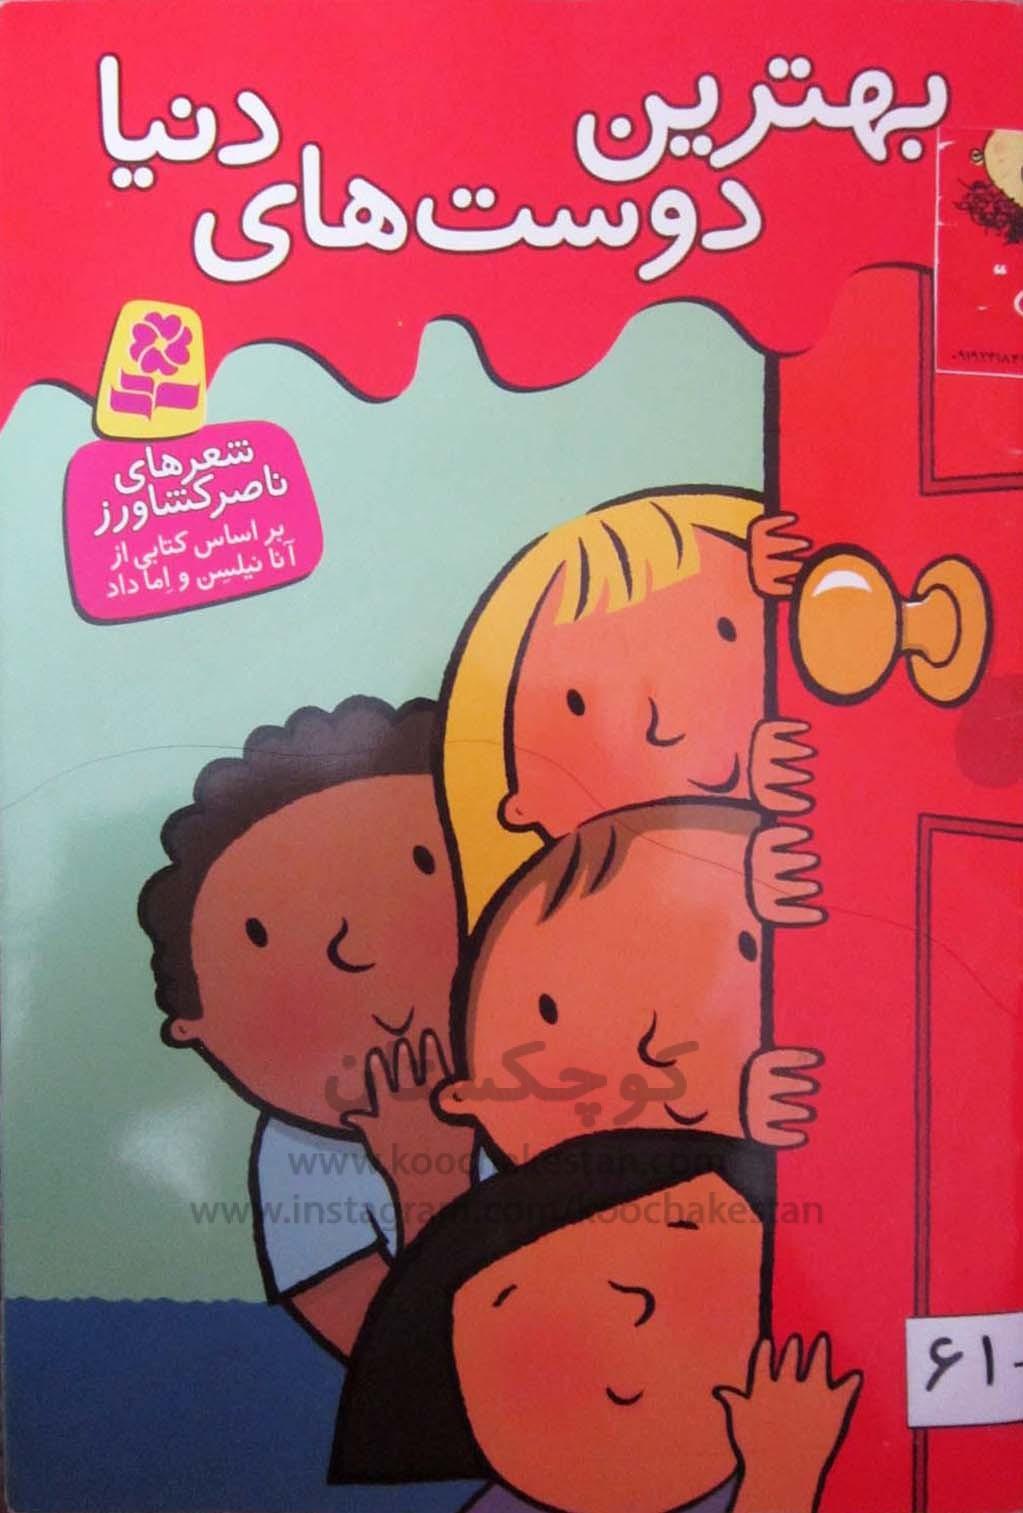 بهترین دوست های دنیا - کتابخانه کودک - کوچکستان